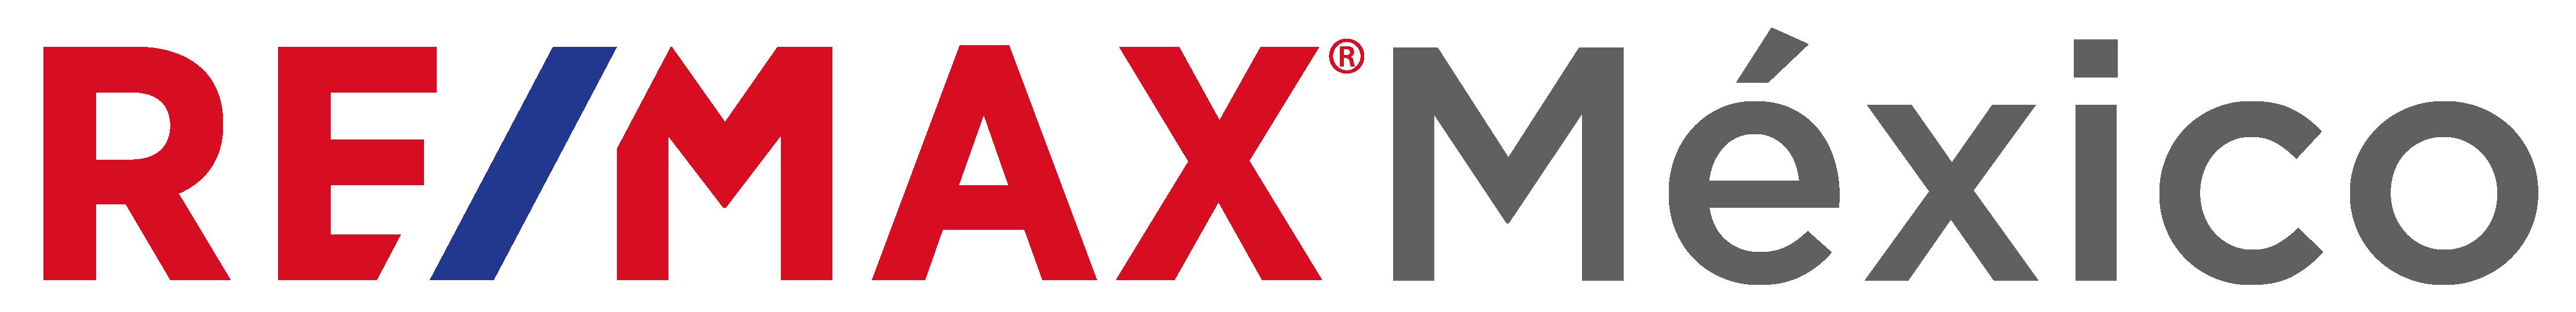 Bolsa de Trabajo REMAX México